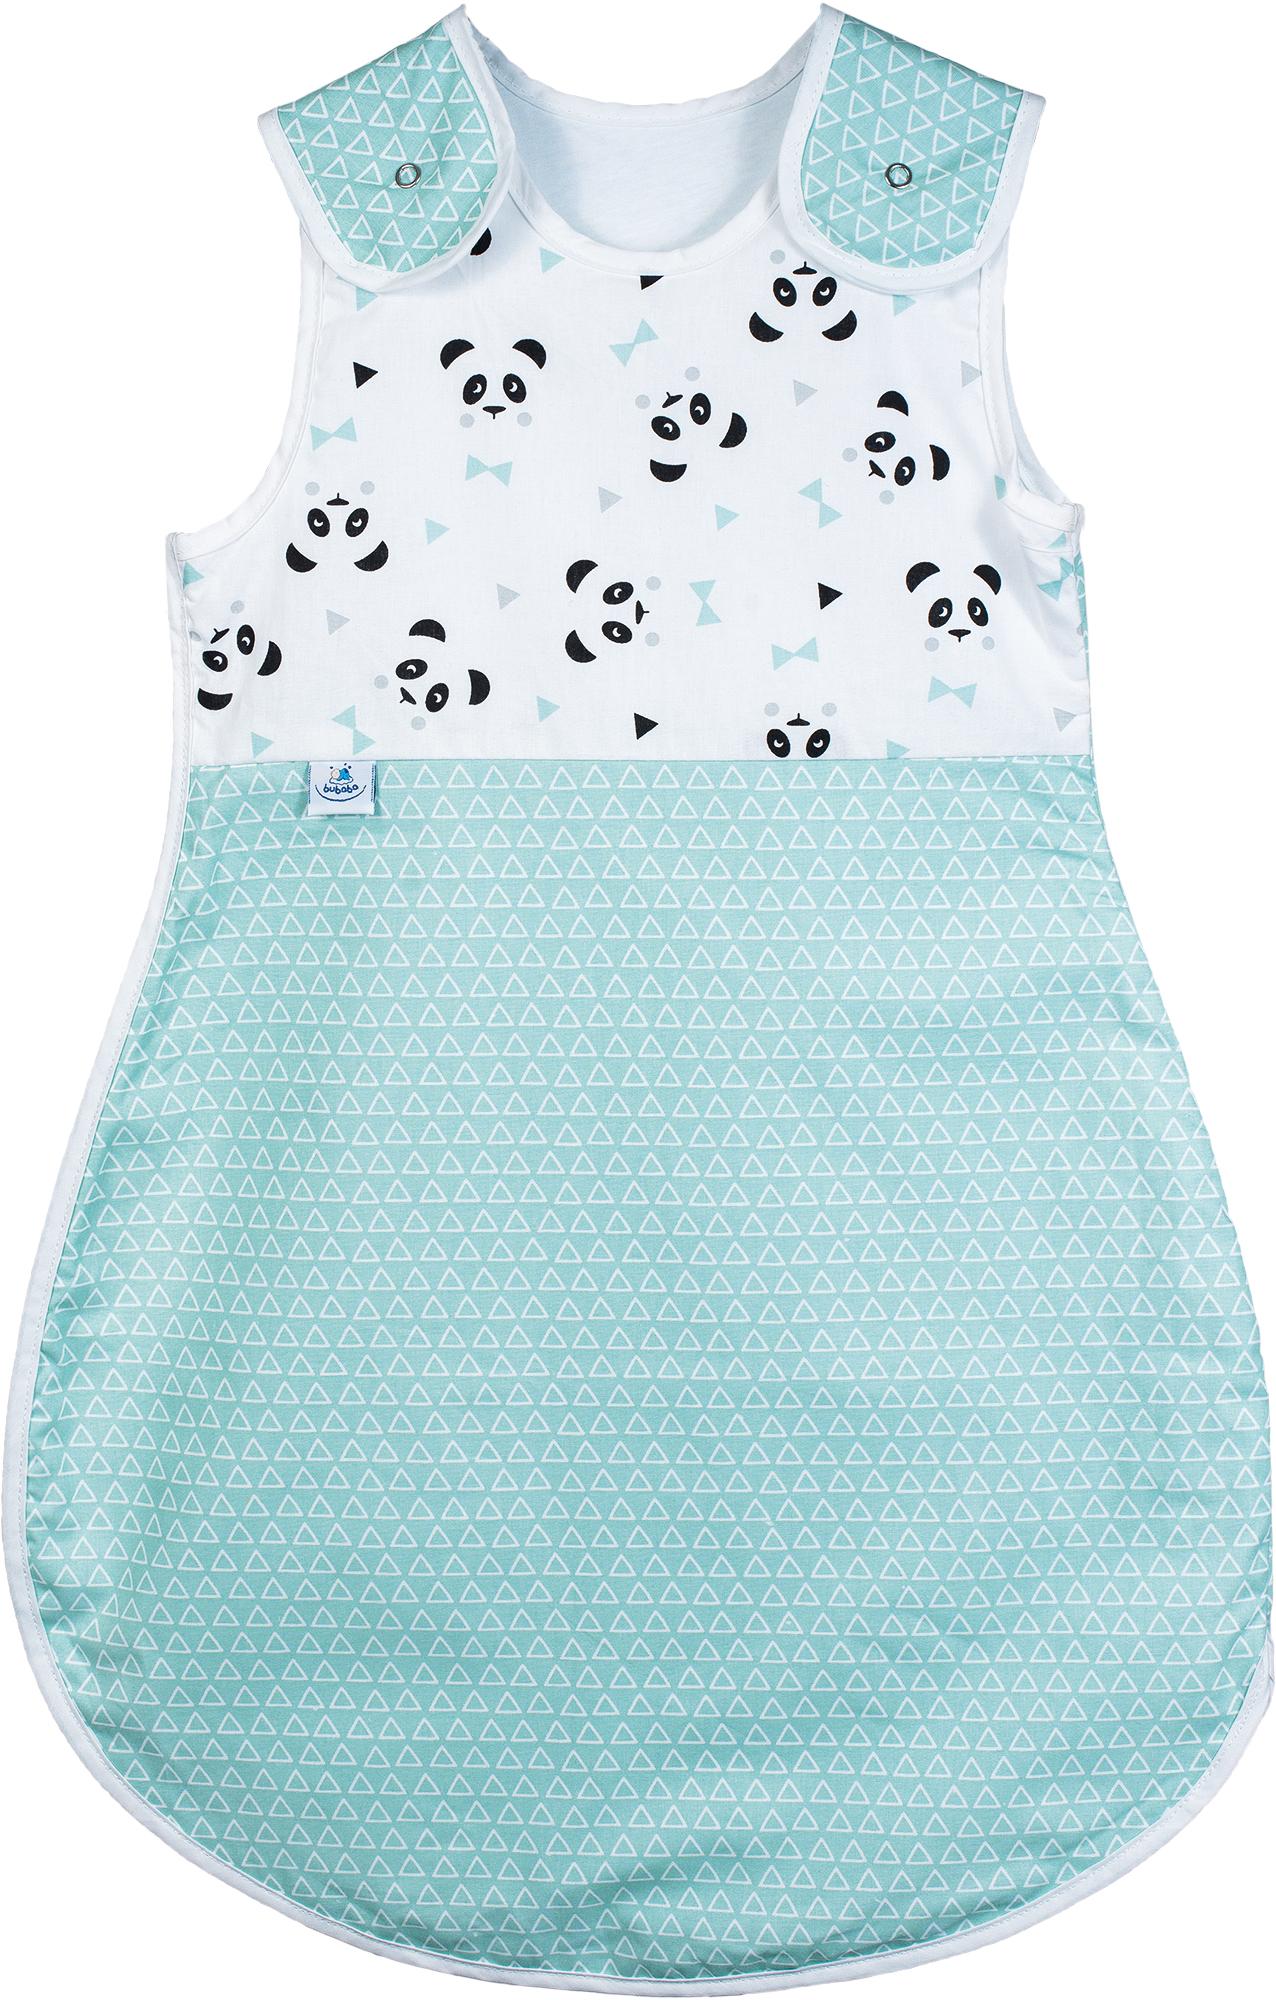 calitate site web pentru reducere prima vedere Sac de dormit bebe pentru vară – 0-6 luni, 100% bumbac, model Green Pandas  - Articole pentru bebelusi si viitoare mamici